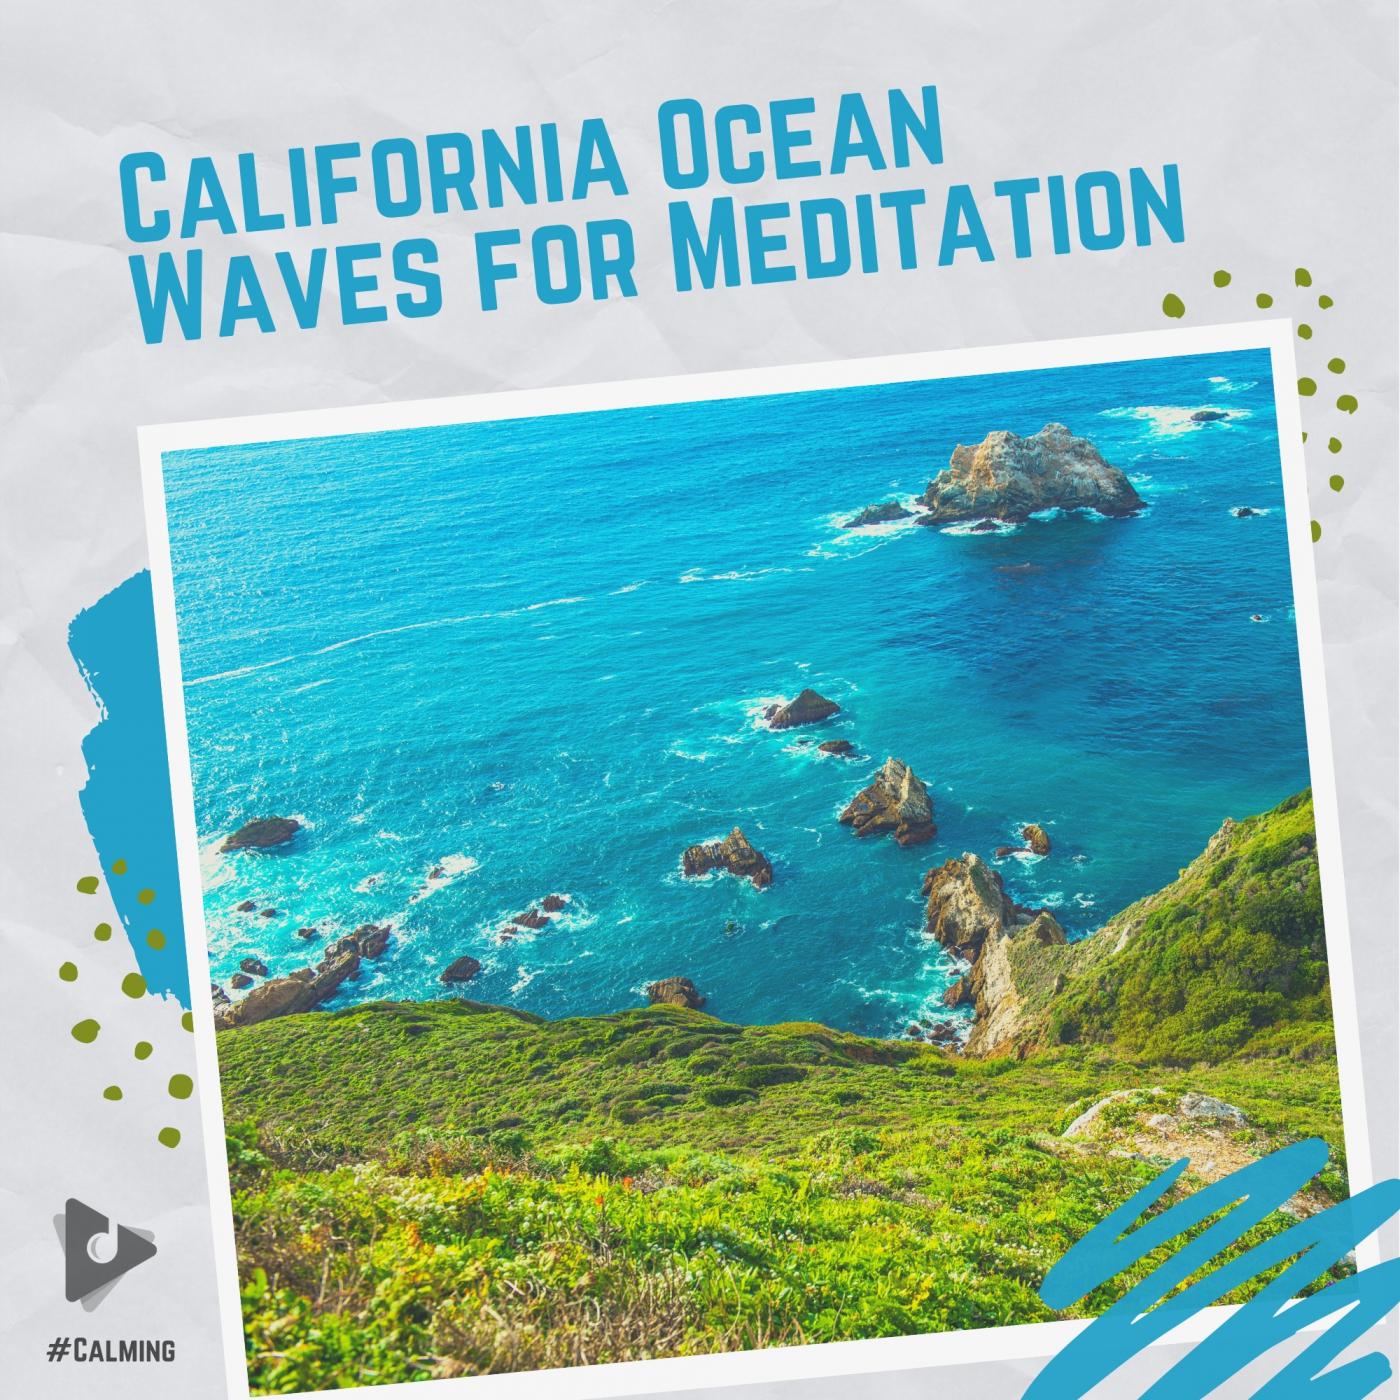 California Ocean Waves for Meditation